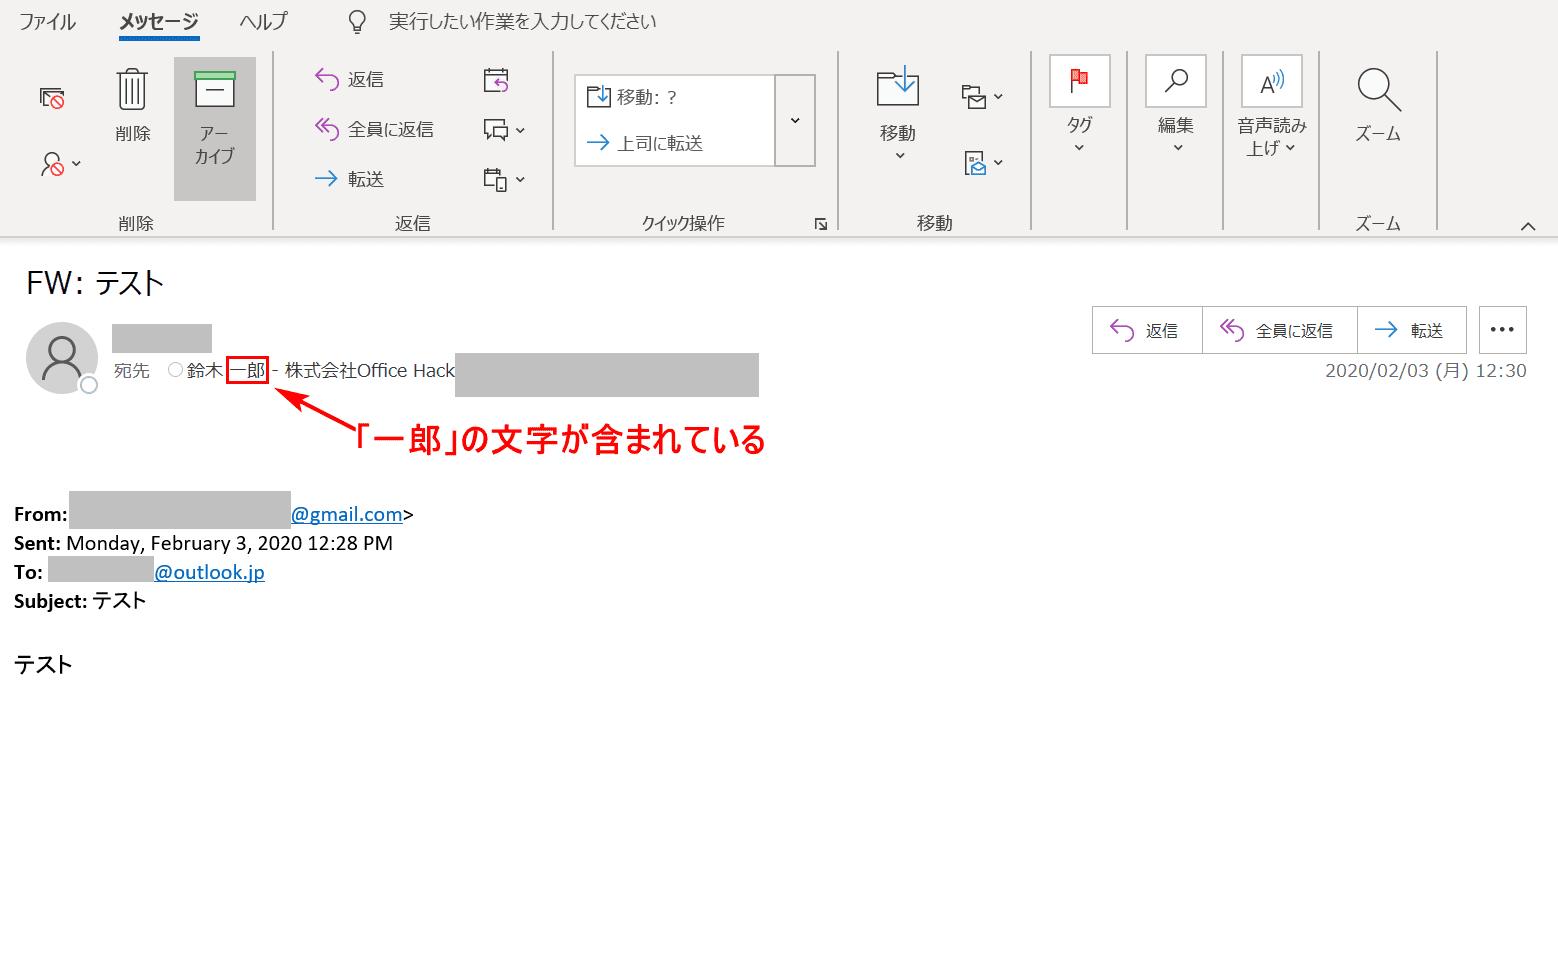 「一郎」の文字が含まれている